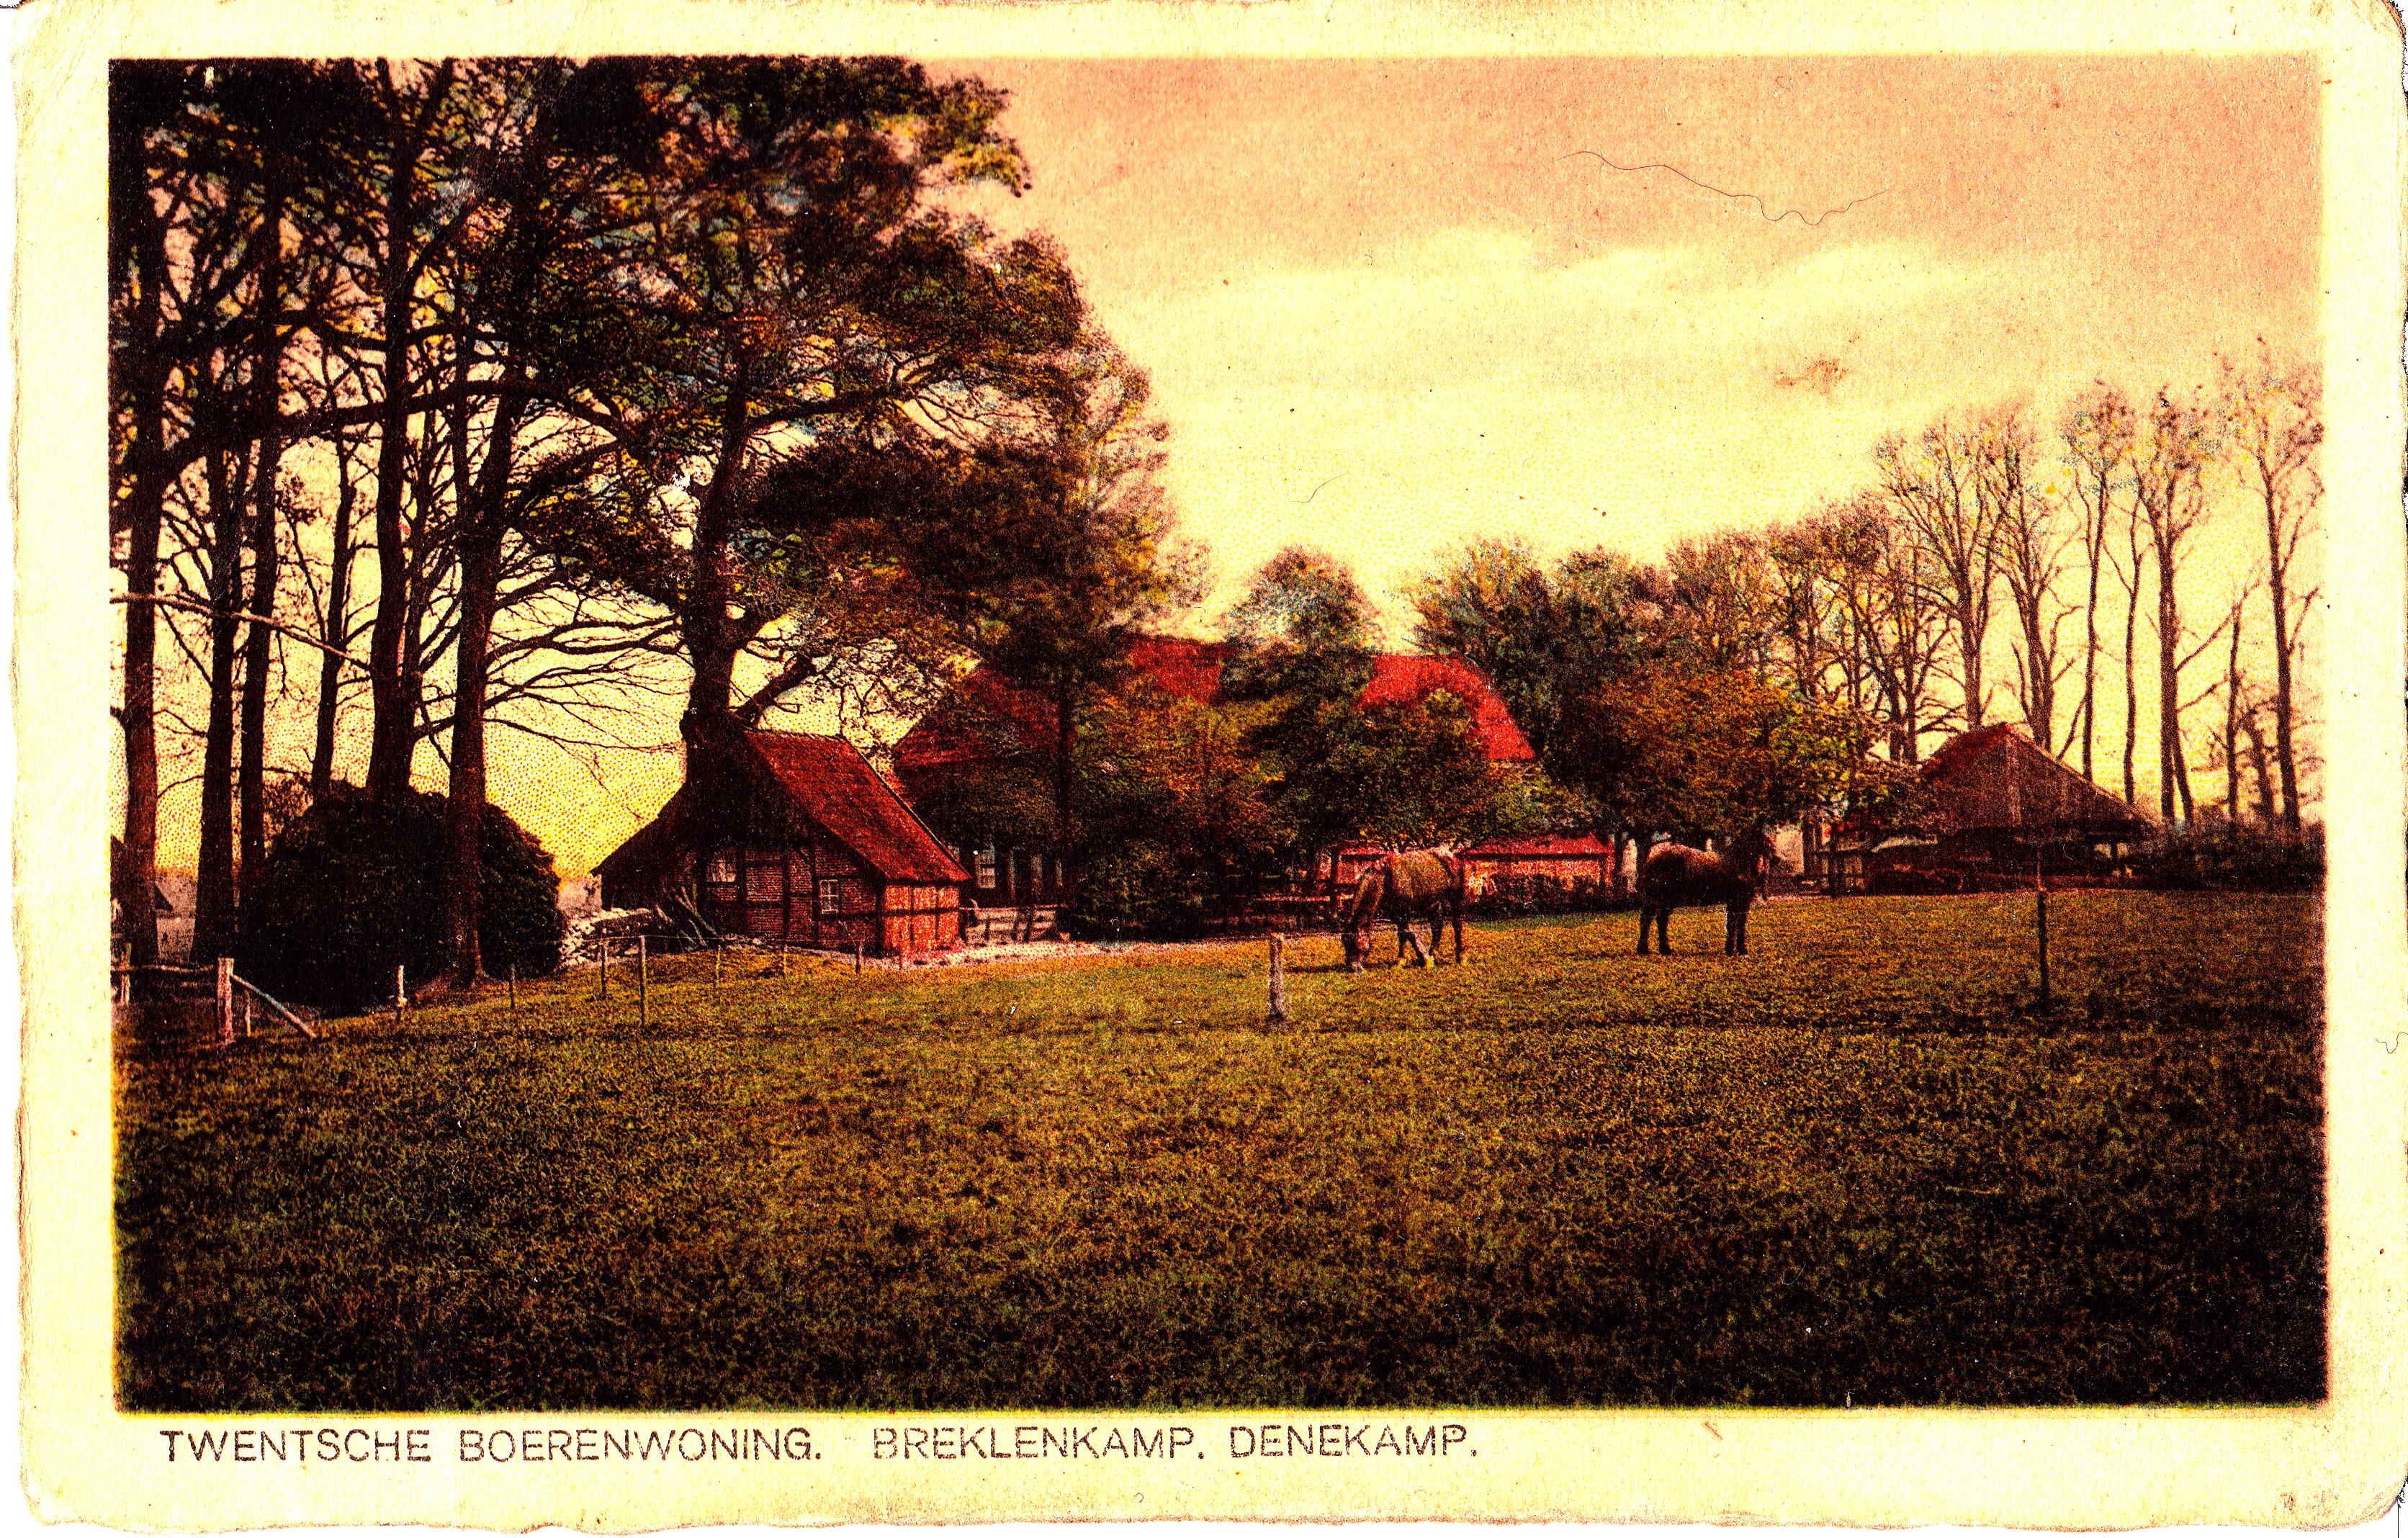 Erf van Helman aan de Jonkershoesweg 4 in Breklenkamp rond 1920?